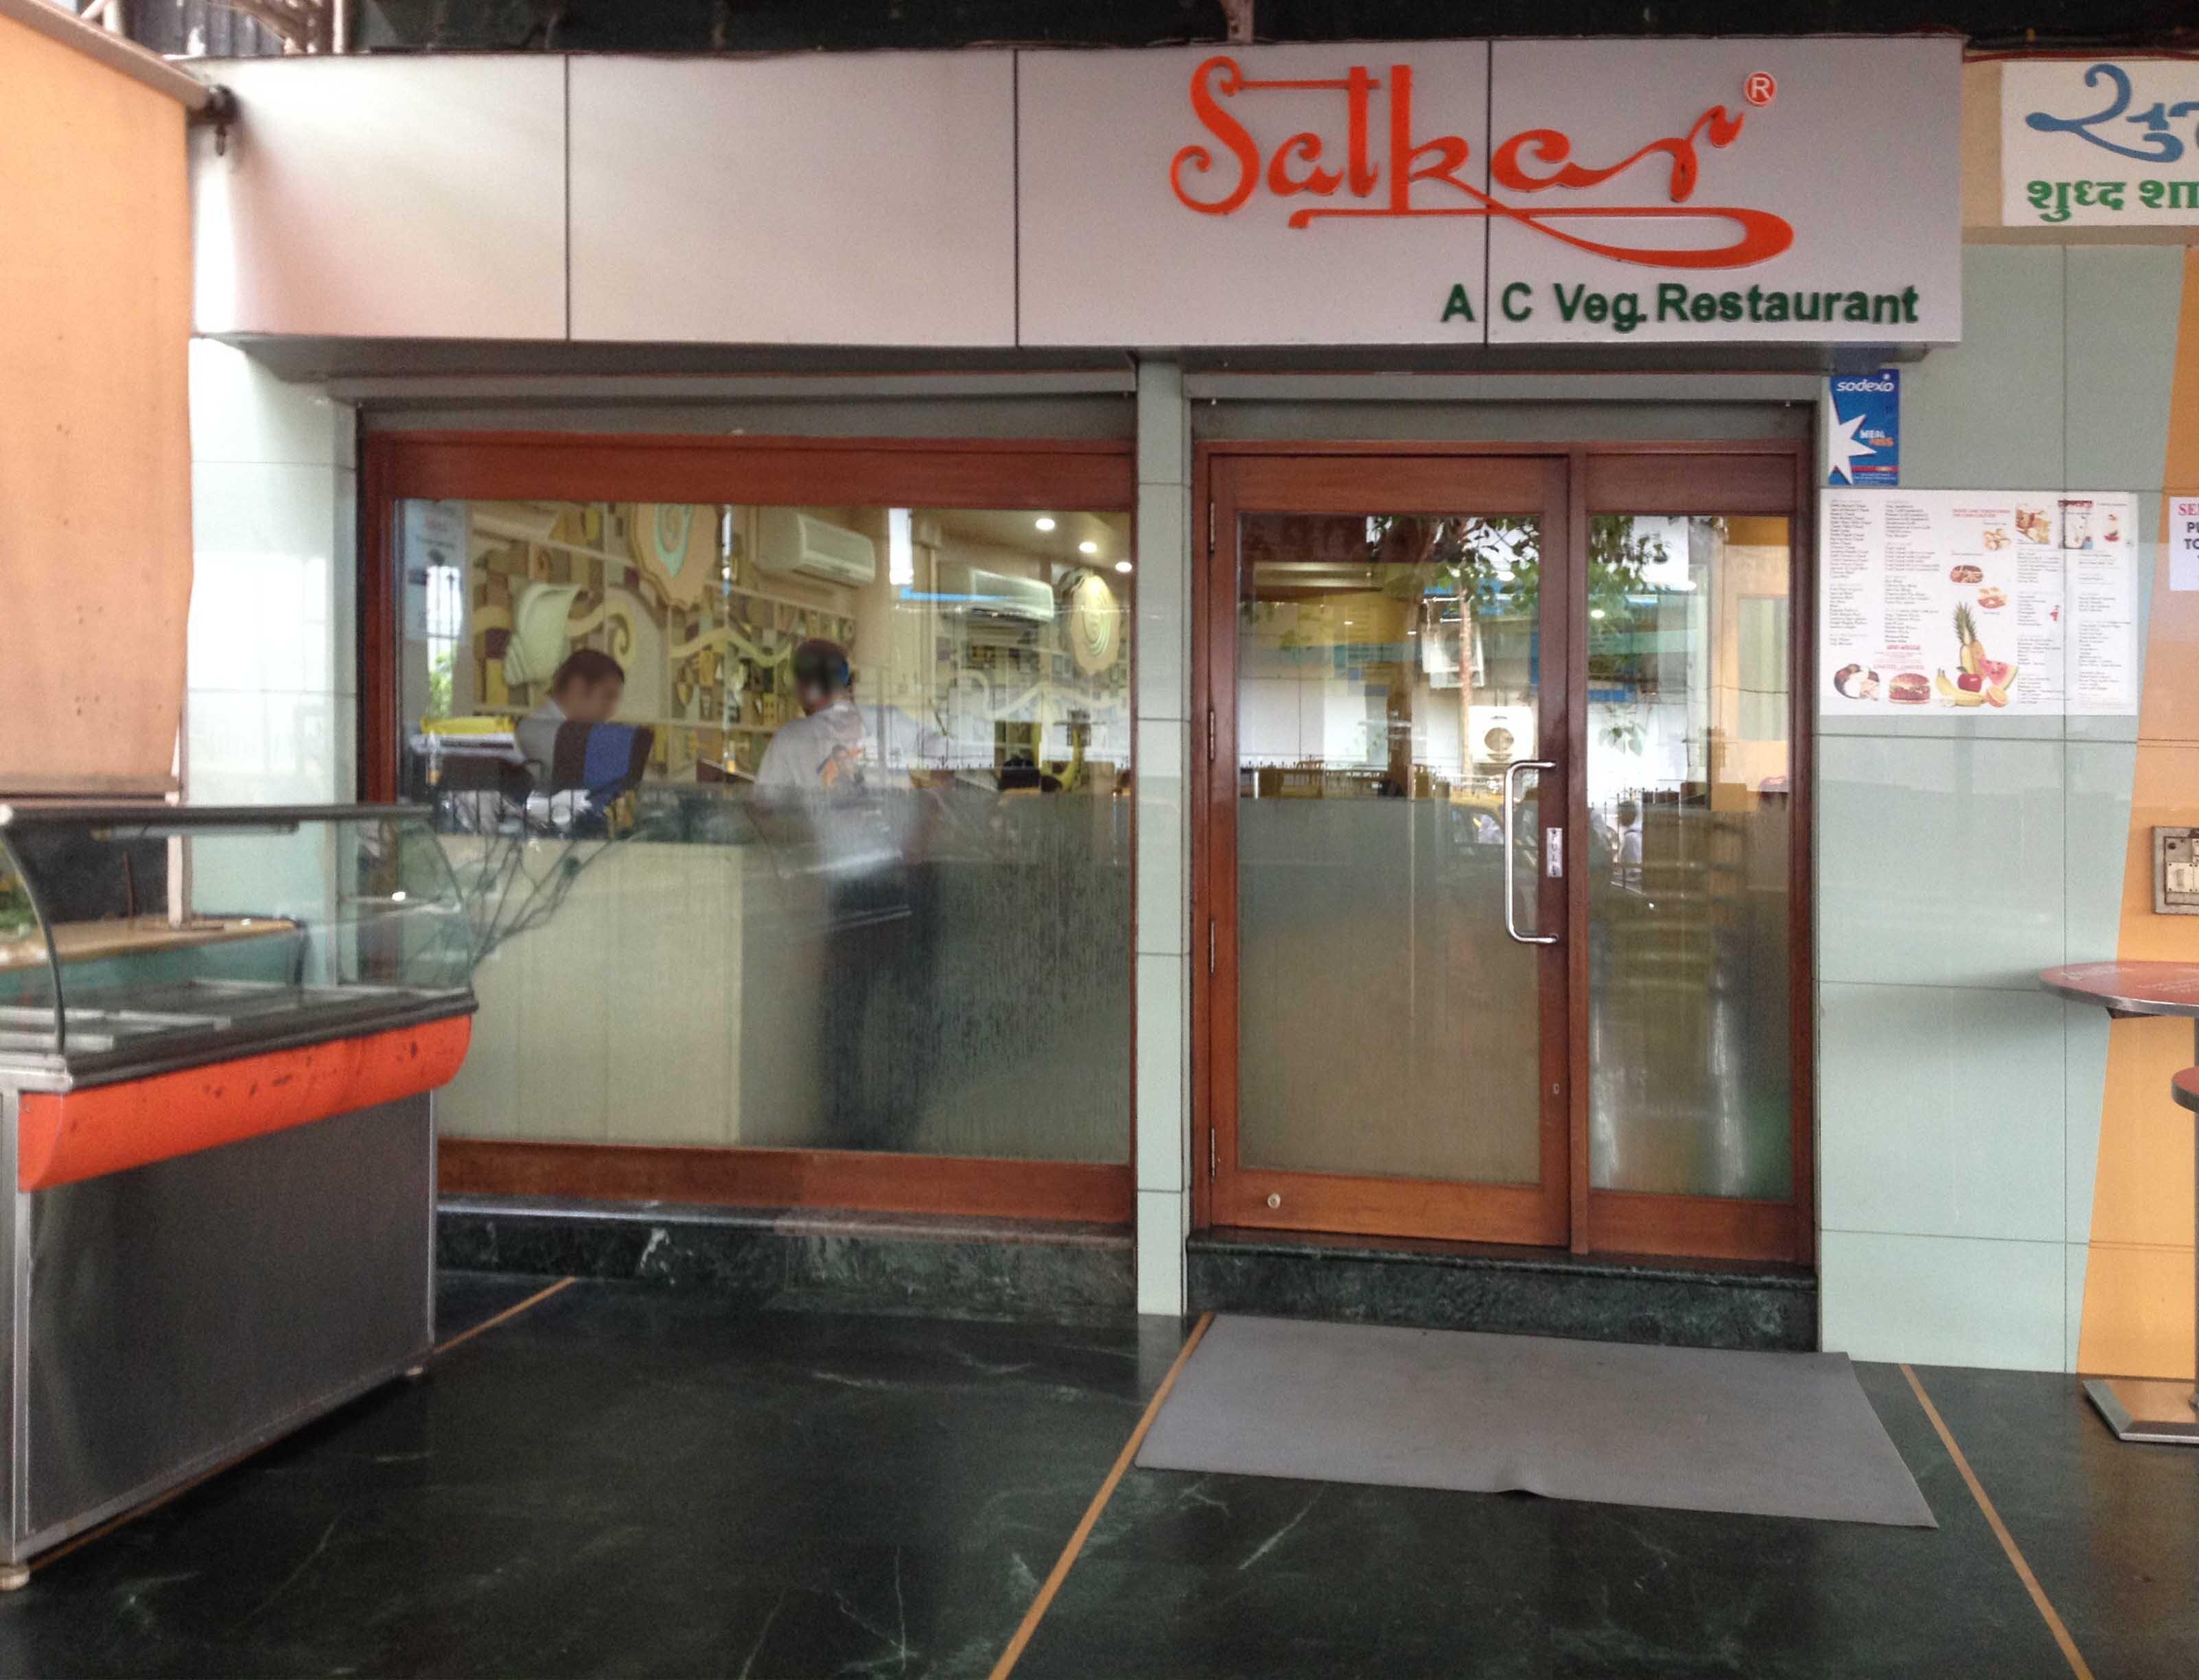 Satkar Restaurant - Churchgate - Mumbai Image